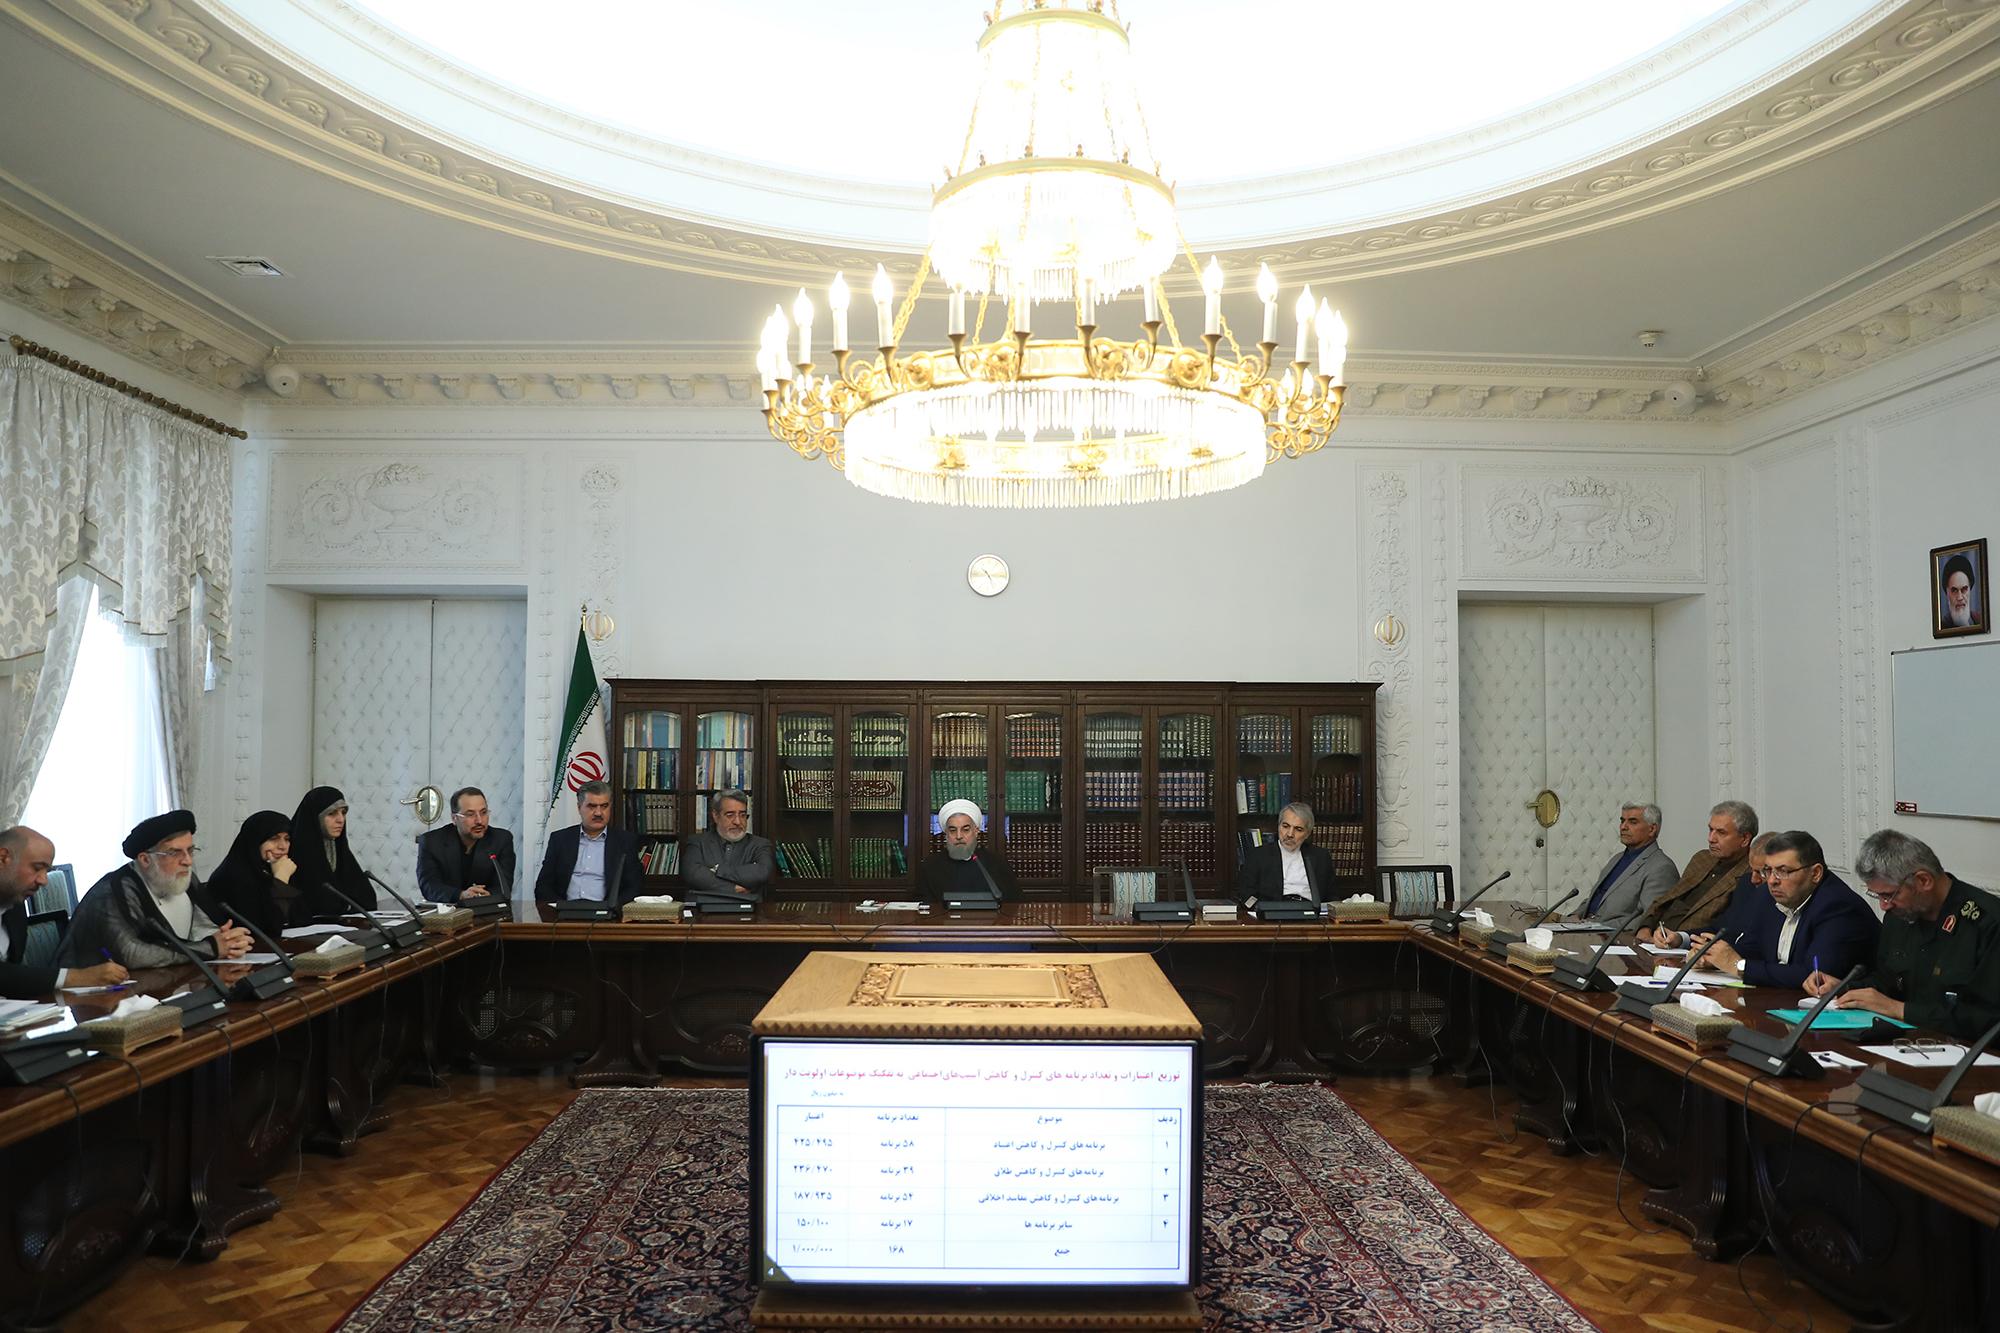 الرئيس الإيرانى حسن روحانى فى اجتماع اللجنة الاجتماعية للبلاد